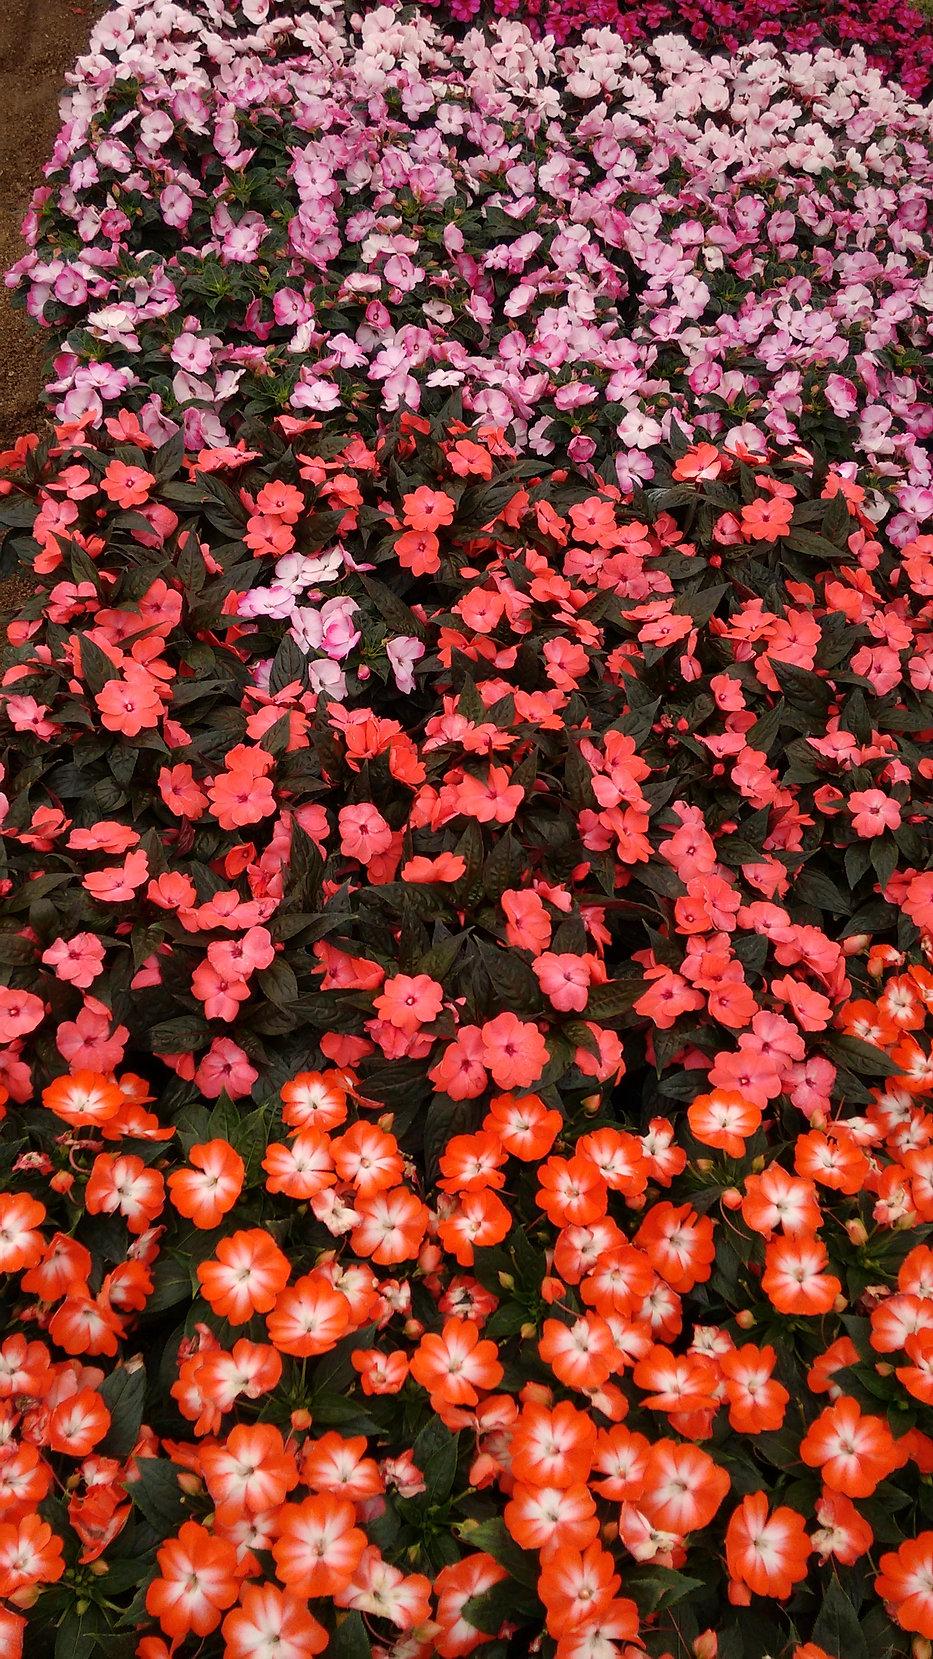 viveros rancho calderon productores de flores guadalajara